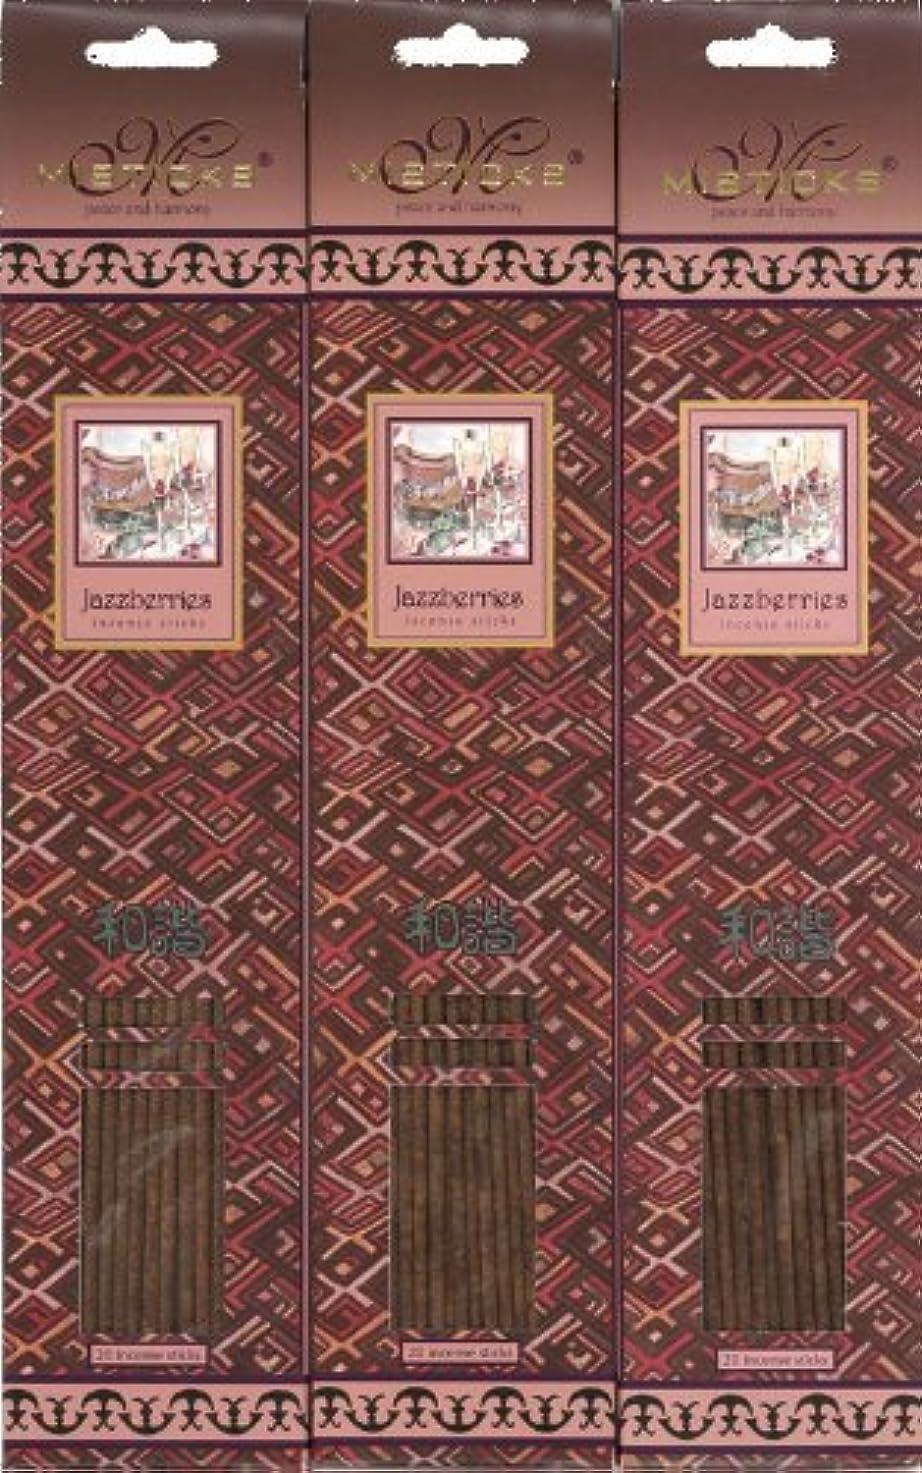 ブート絶縁するニュージーランドMisticks Jazzberries ジャズベリーズ お香 20本 X 3パック(60本)